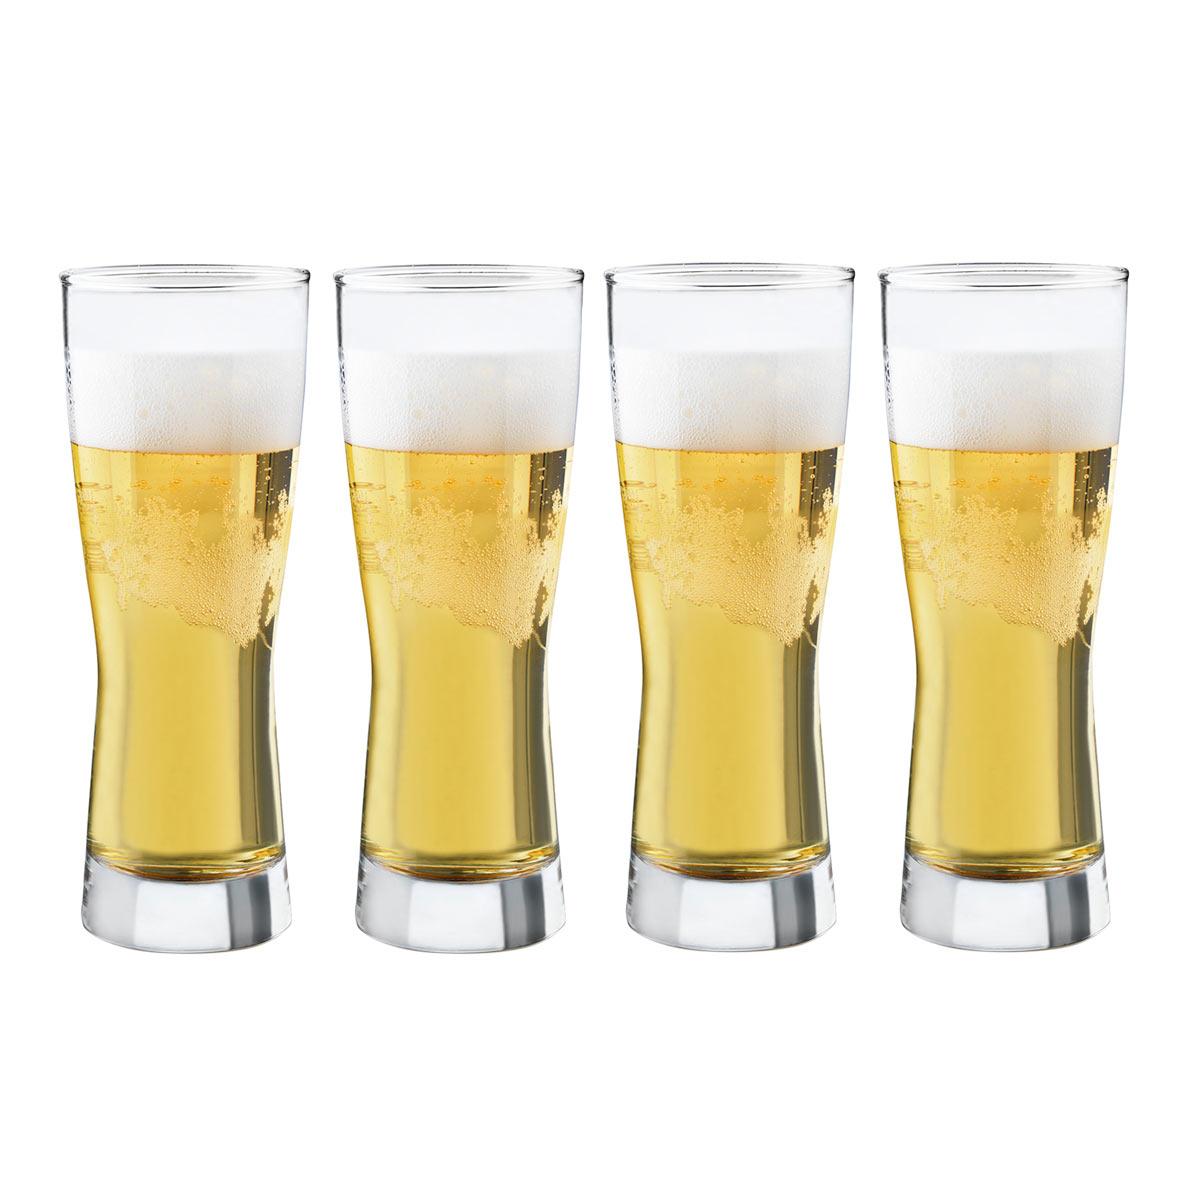 Juego Vasos Vidrio 4 Pzas Cerveceros Bravess Cerveza Libbey